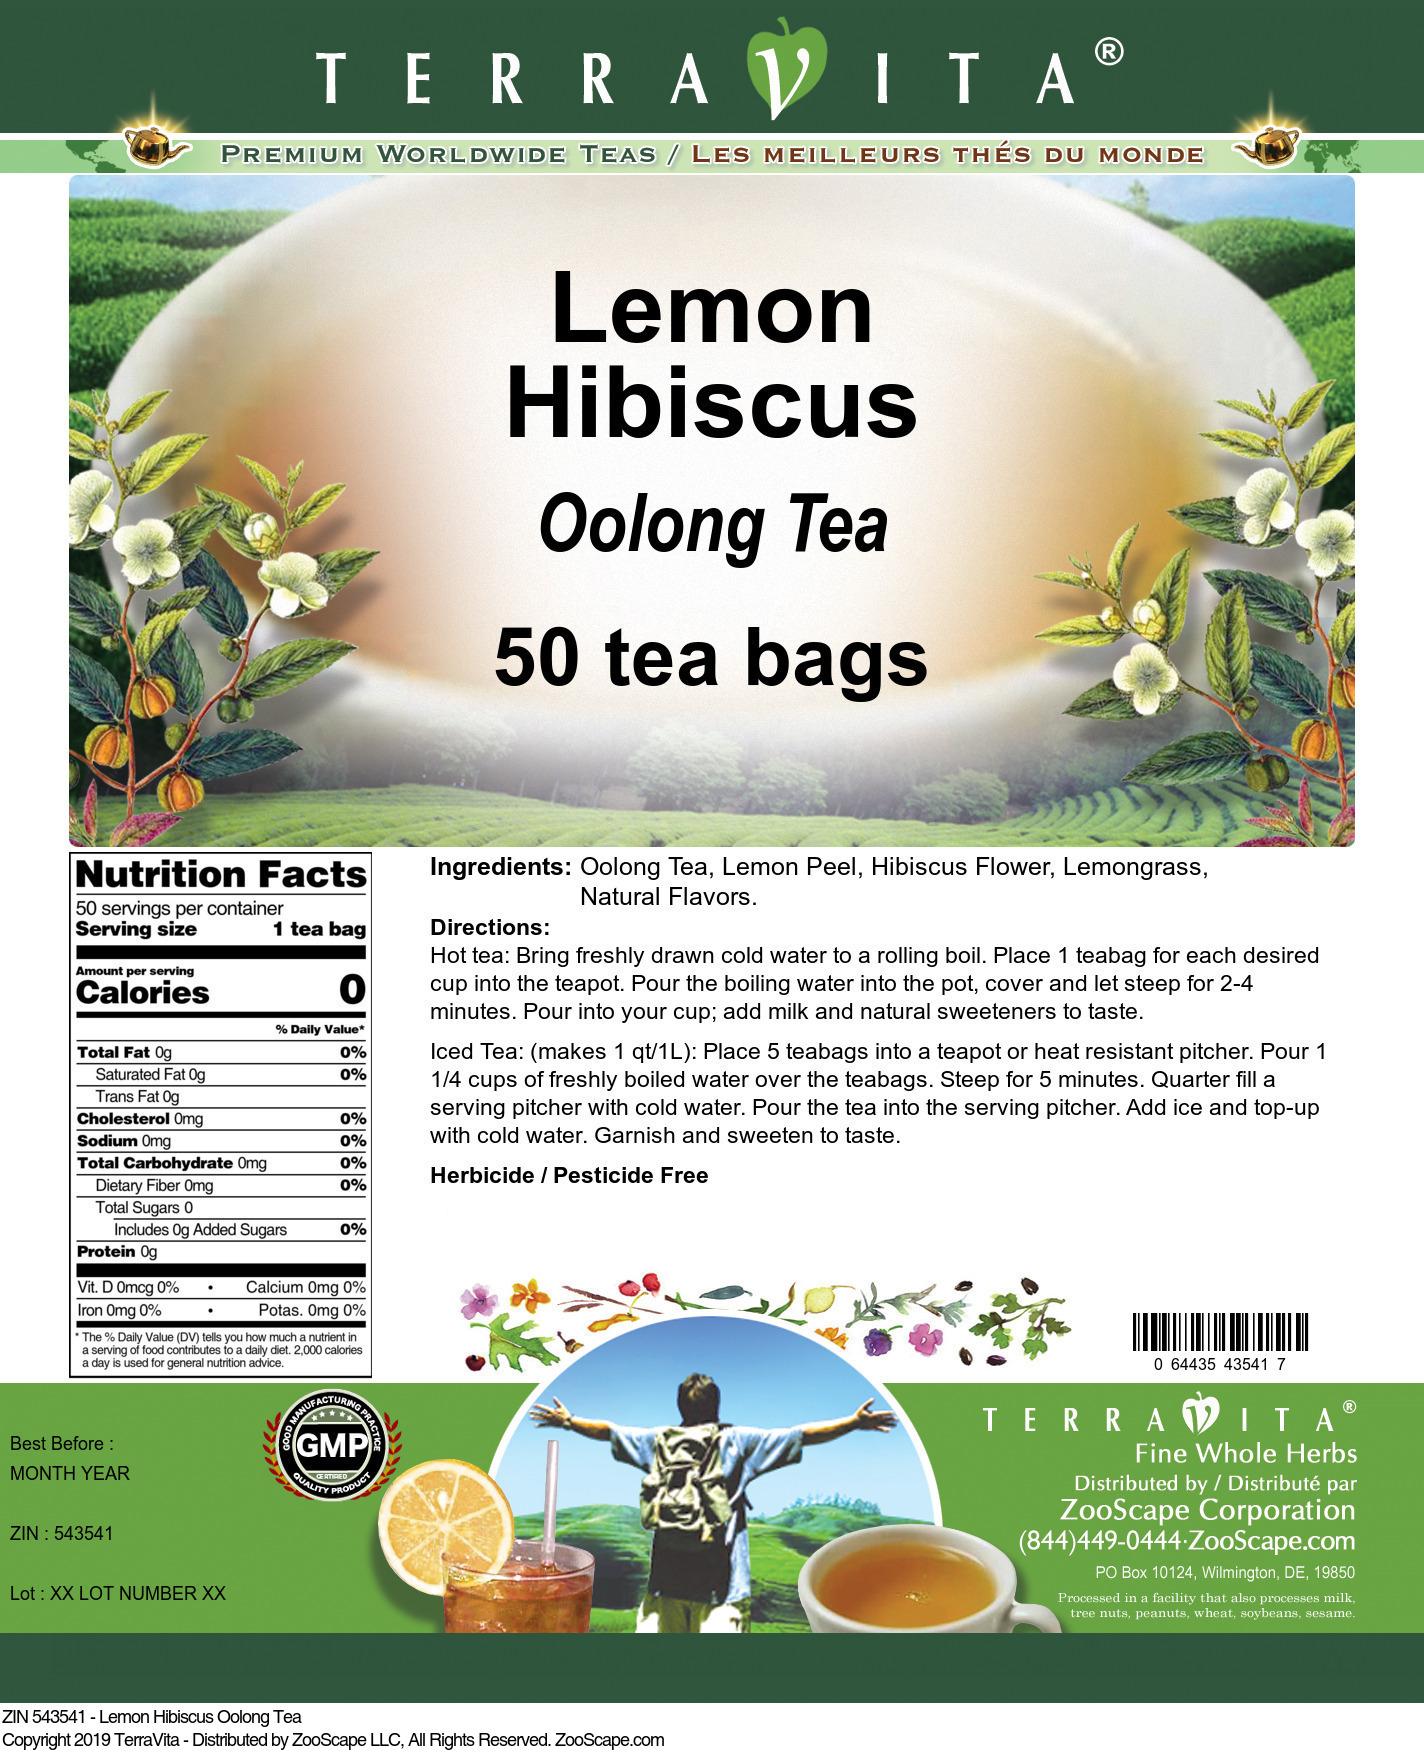 Lemon Hibiscus Oolong Tea